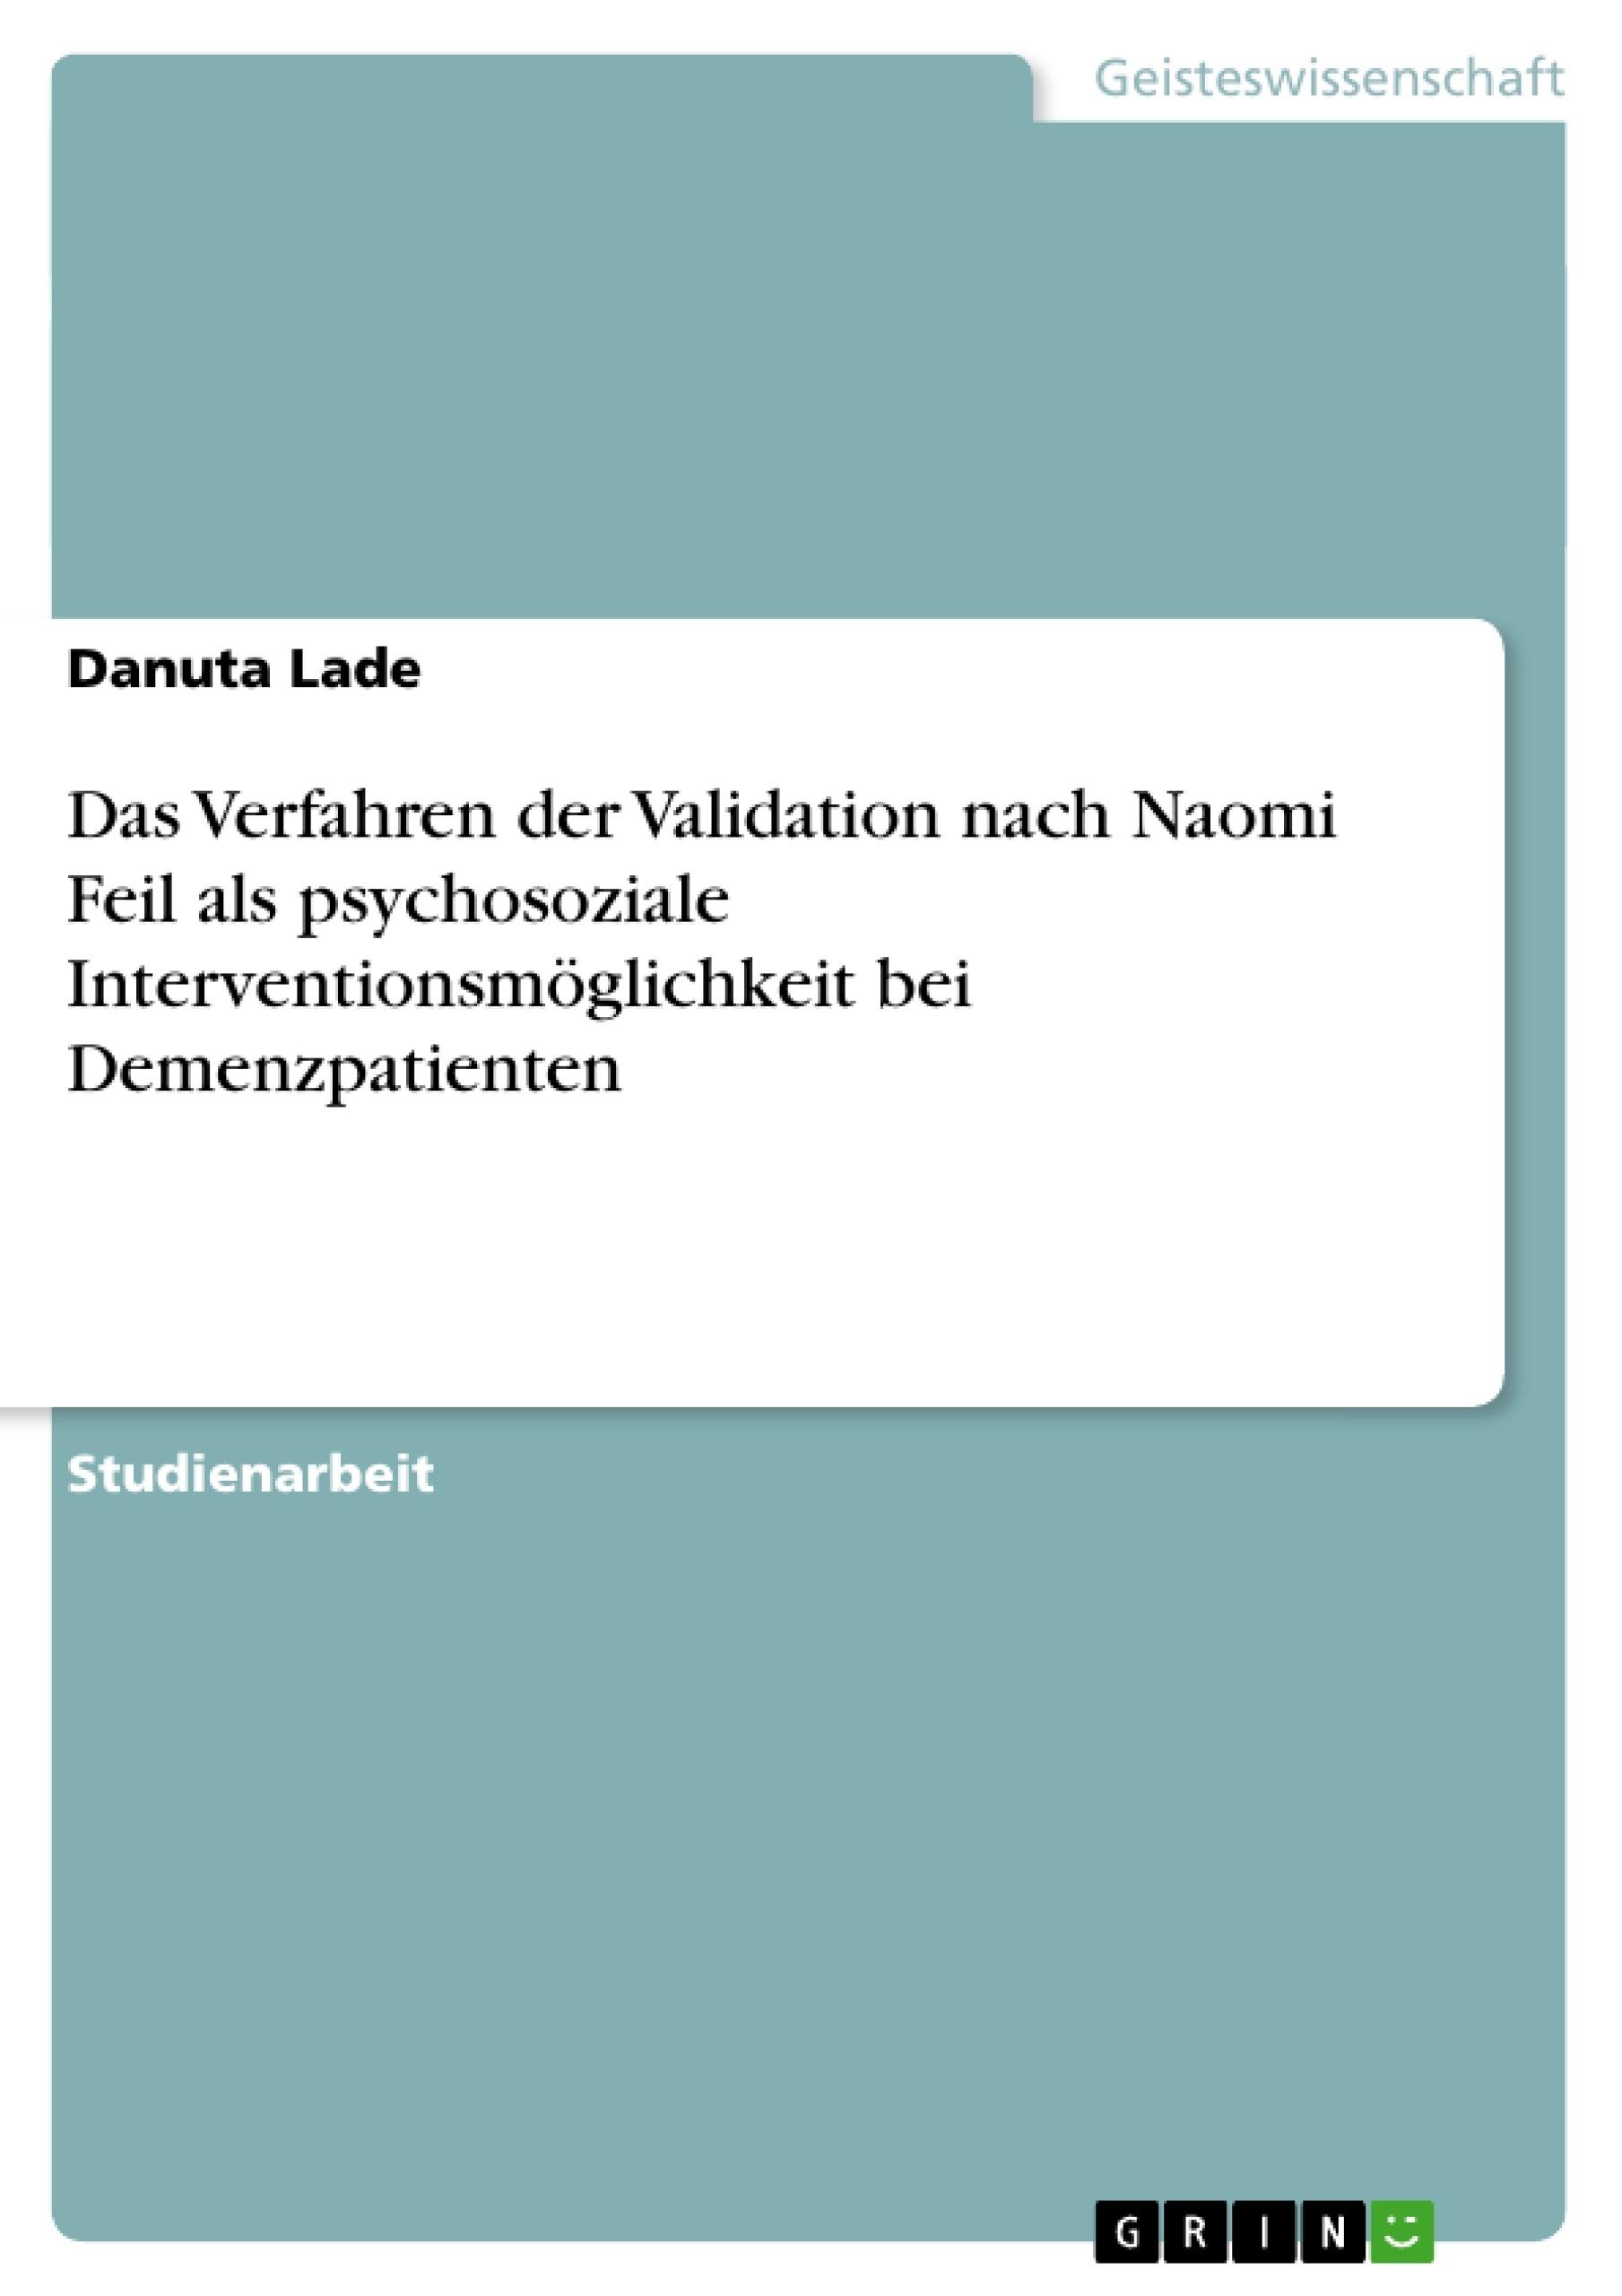 Titel: Das Verfahren der Validation nach Naomi Feil als psychosoziale Interventionsmöglichkeit bei Demenzpatienten